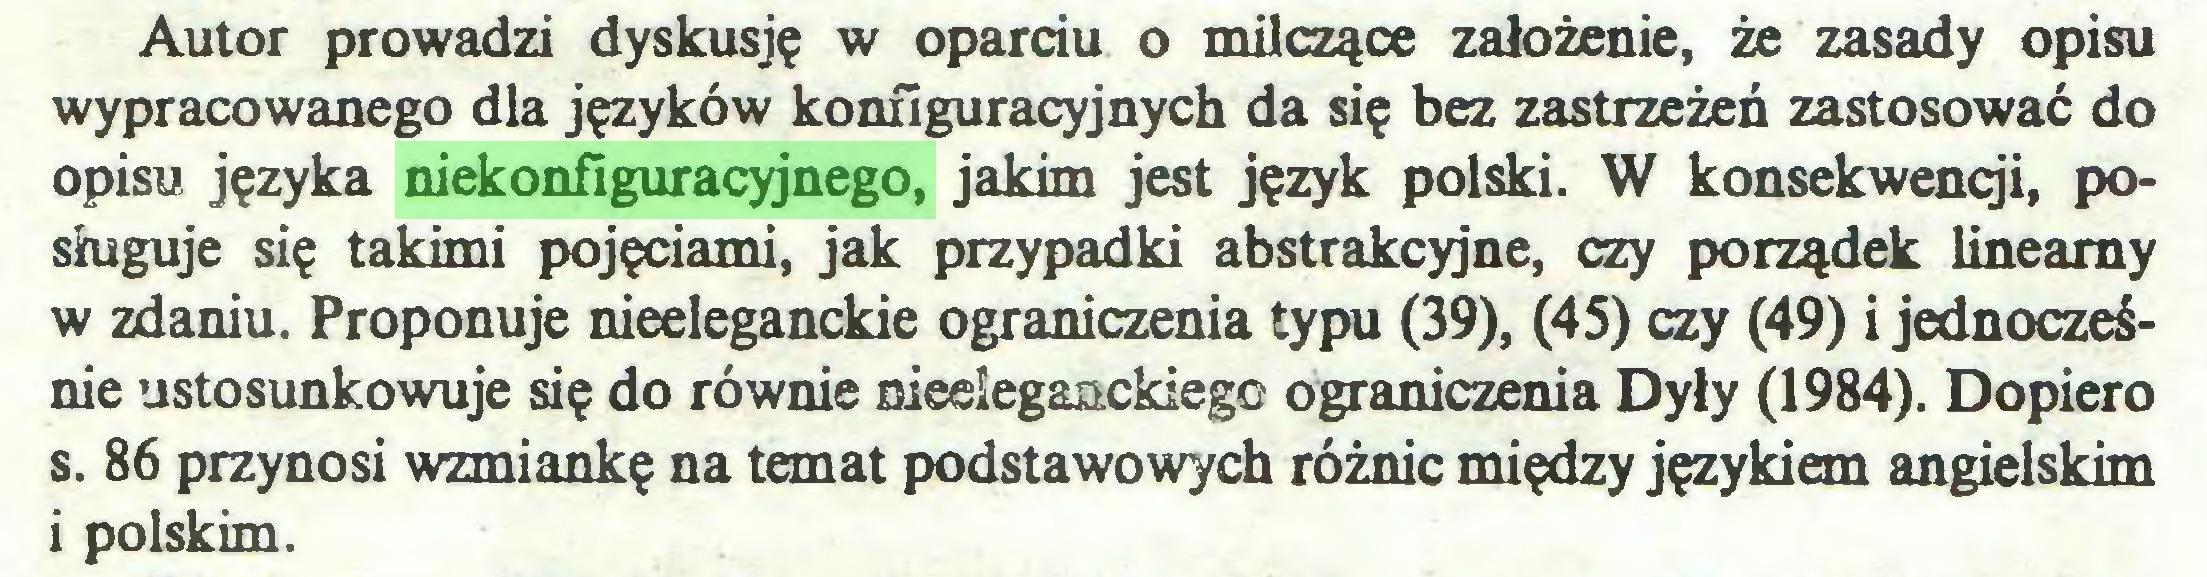 (...) Autor prowadzi dyskusję w oparciu o milczące założenie, że zasady opisu wypracowanego dla języków konfiguracyjnych da się bez zastrzeżeń zastosować do opisu języka niekonfiguracyjnego, jakim jest język polski. W konsekwencji, posługuje się takimi pojęciami, jak przypadki abstrakcyjne, czy porządek linearny w zdaniu. Proponuje nieeleganckie ograniczenia typu (39), (45) czy (49) i jednocześnie ustosunkowuje się do równie nieeleganckiego ograniczenia Dyły (1984). Dopiero s. 86 przynosi wzmiankę na temat podstawowych różnic między językiem angielskim 1 polskim...